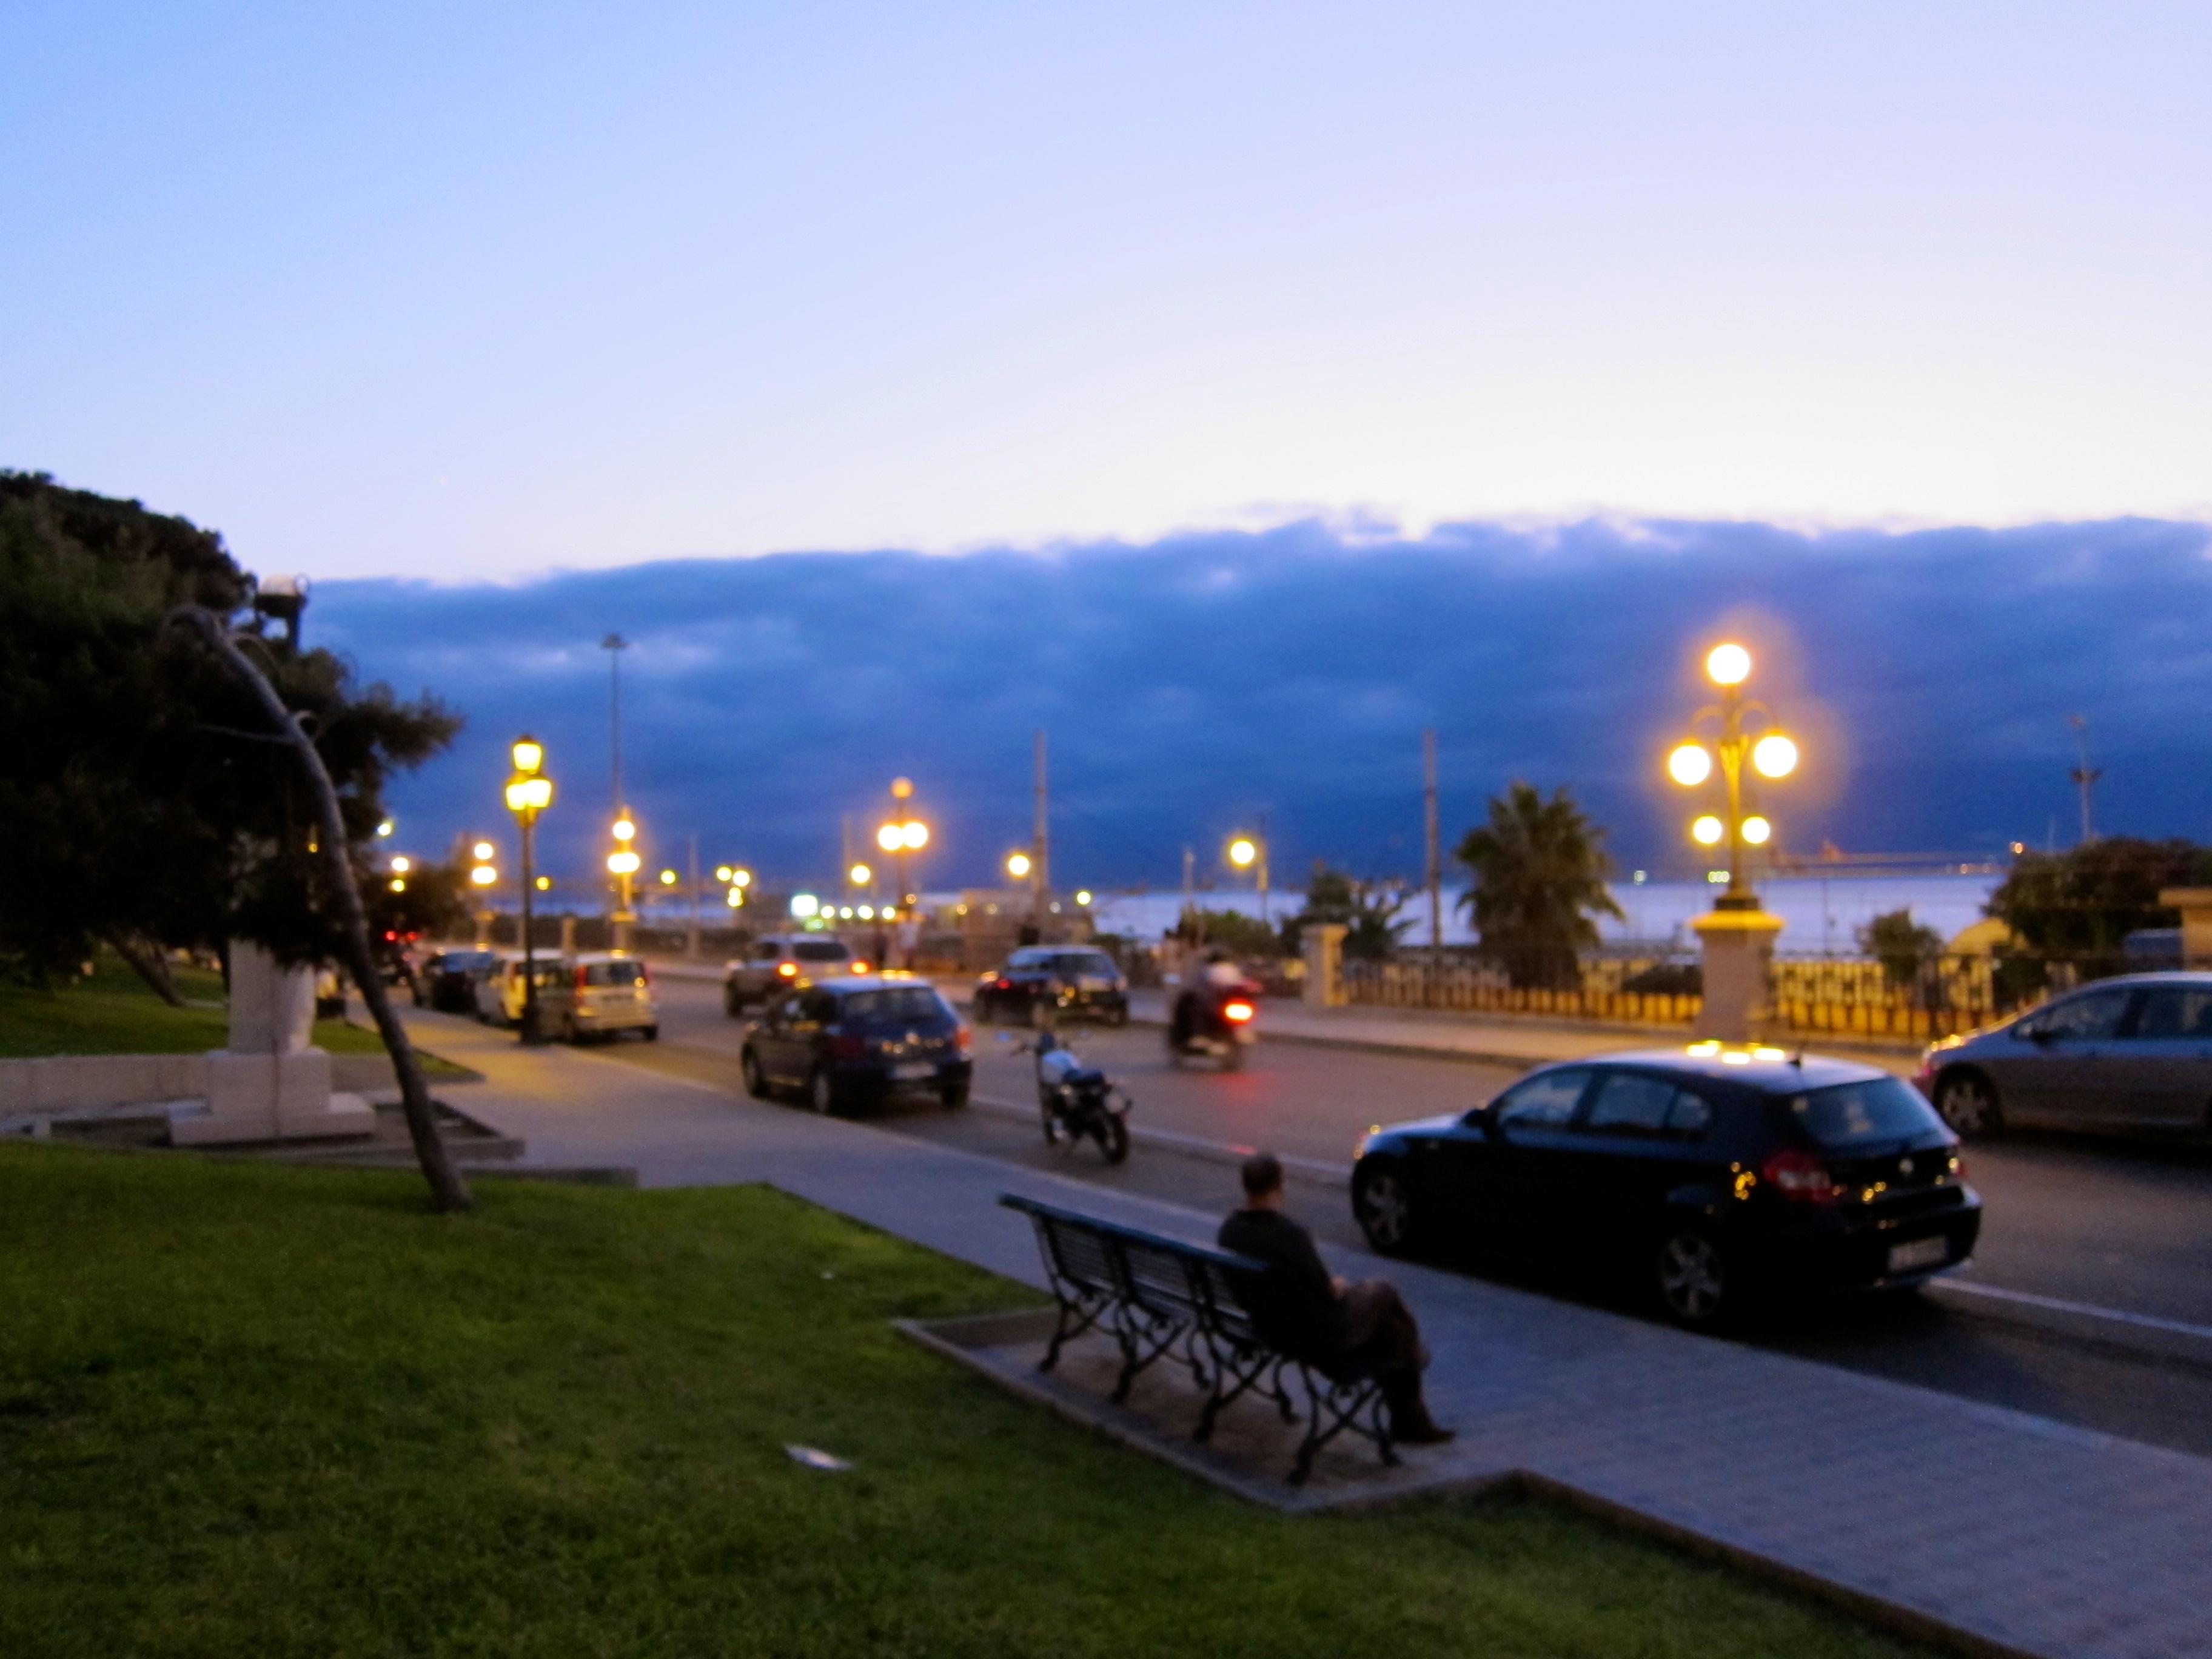 File:Lungomare Falcomatà in the evening - Reggio Calabria, Italy - 7 ...